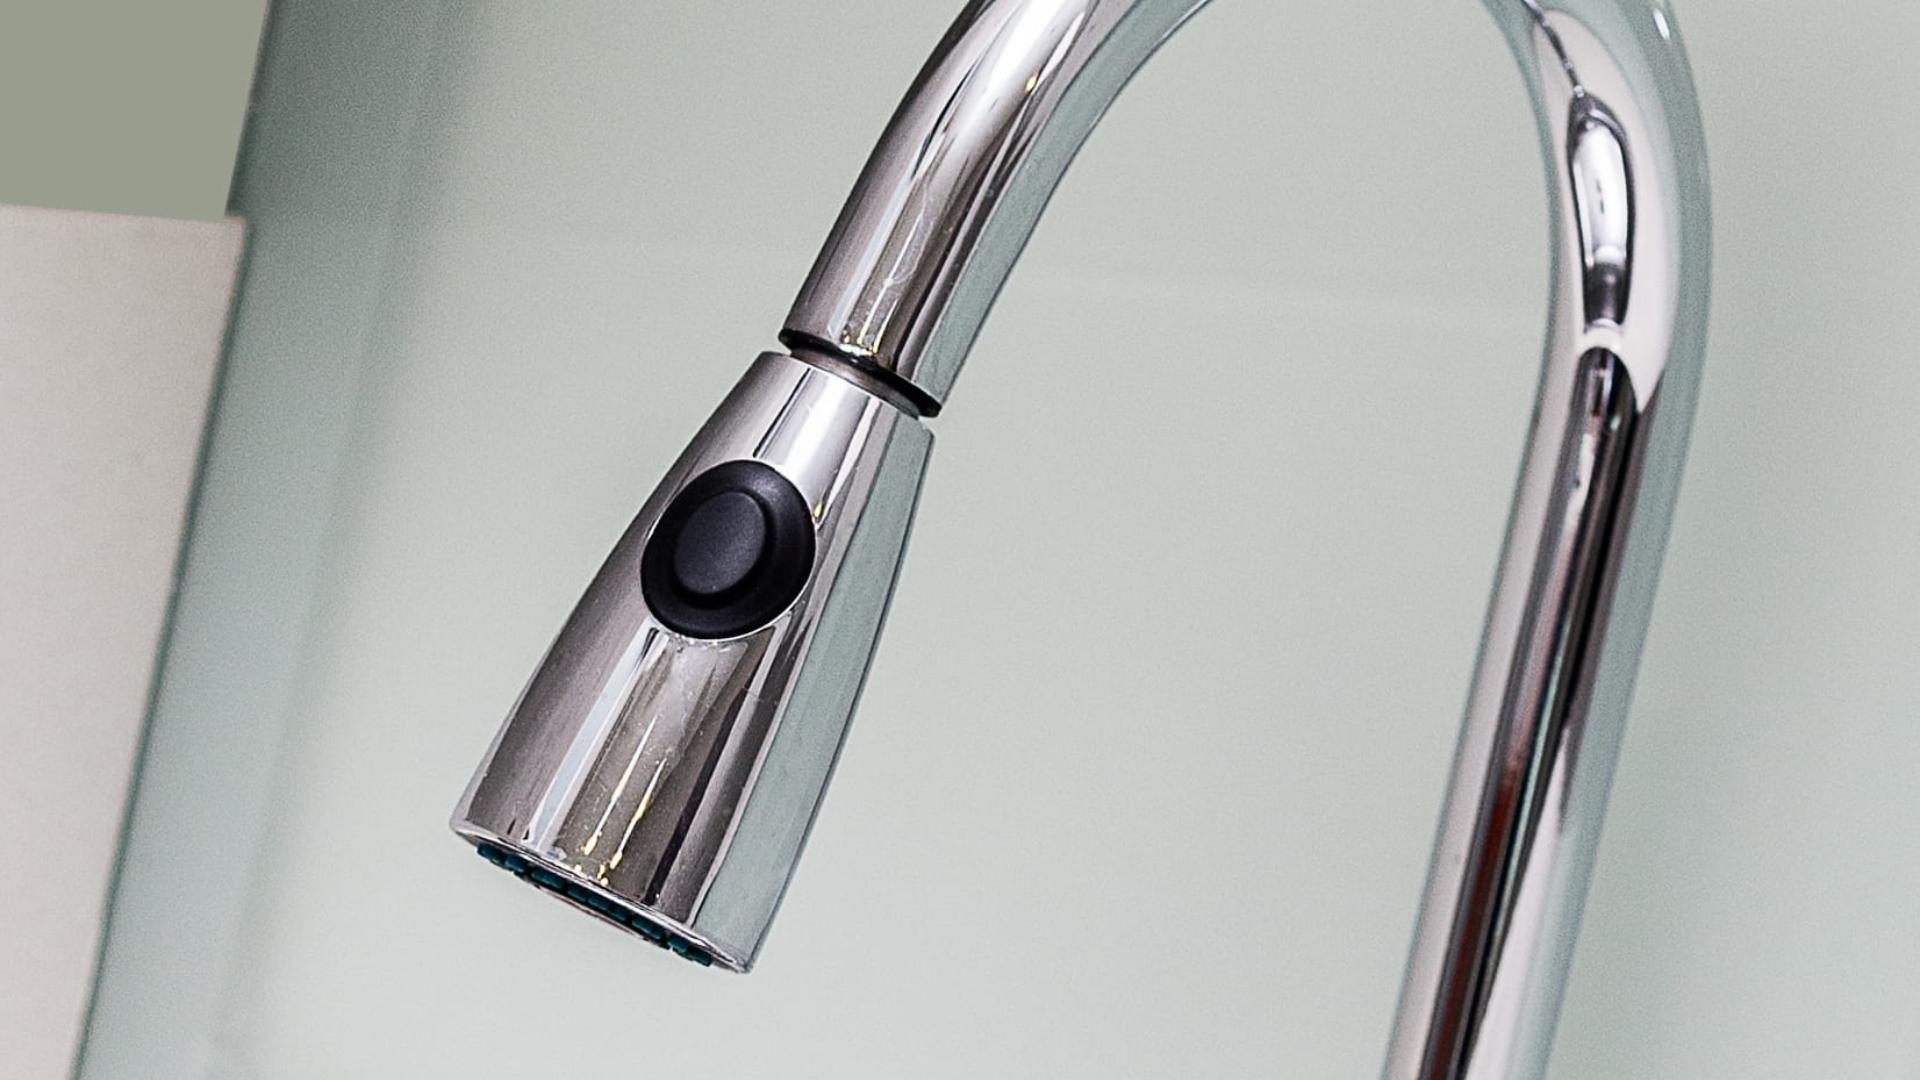 Full Size of Ausziehbarer Wasserhahn Undicht Tropft Waschtischarmatur Mit Separater Handbrause Im Vergleich Küche Bad Esstisch Wandanschluss Für Wohnzimmer Ausziehbarer Wasserhahn Undicht